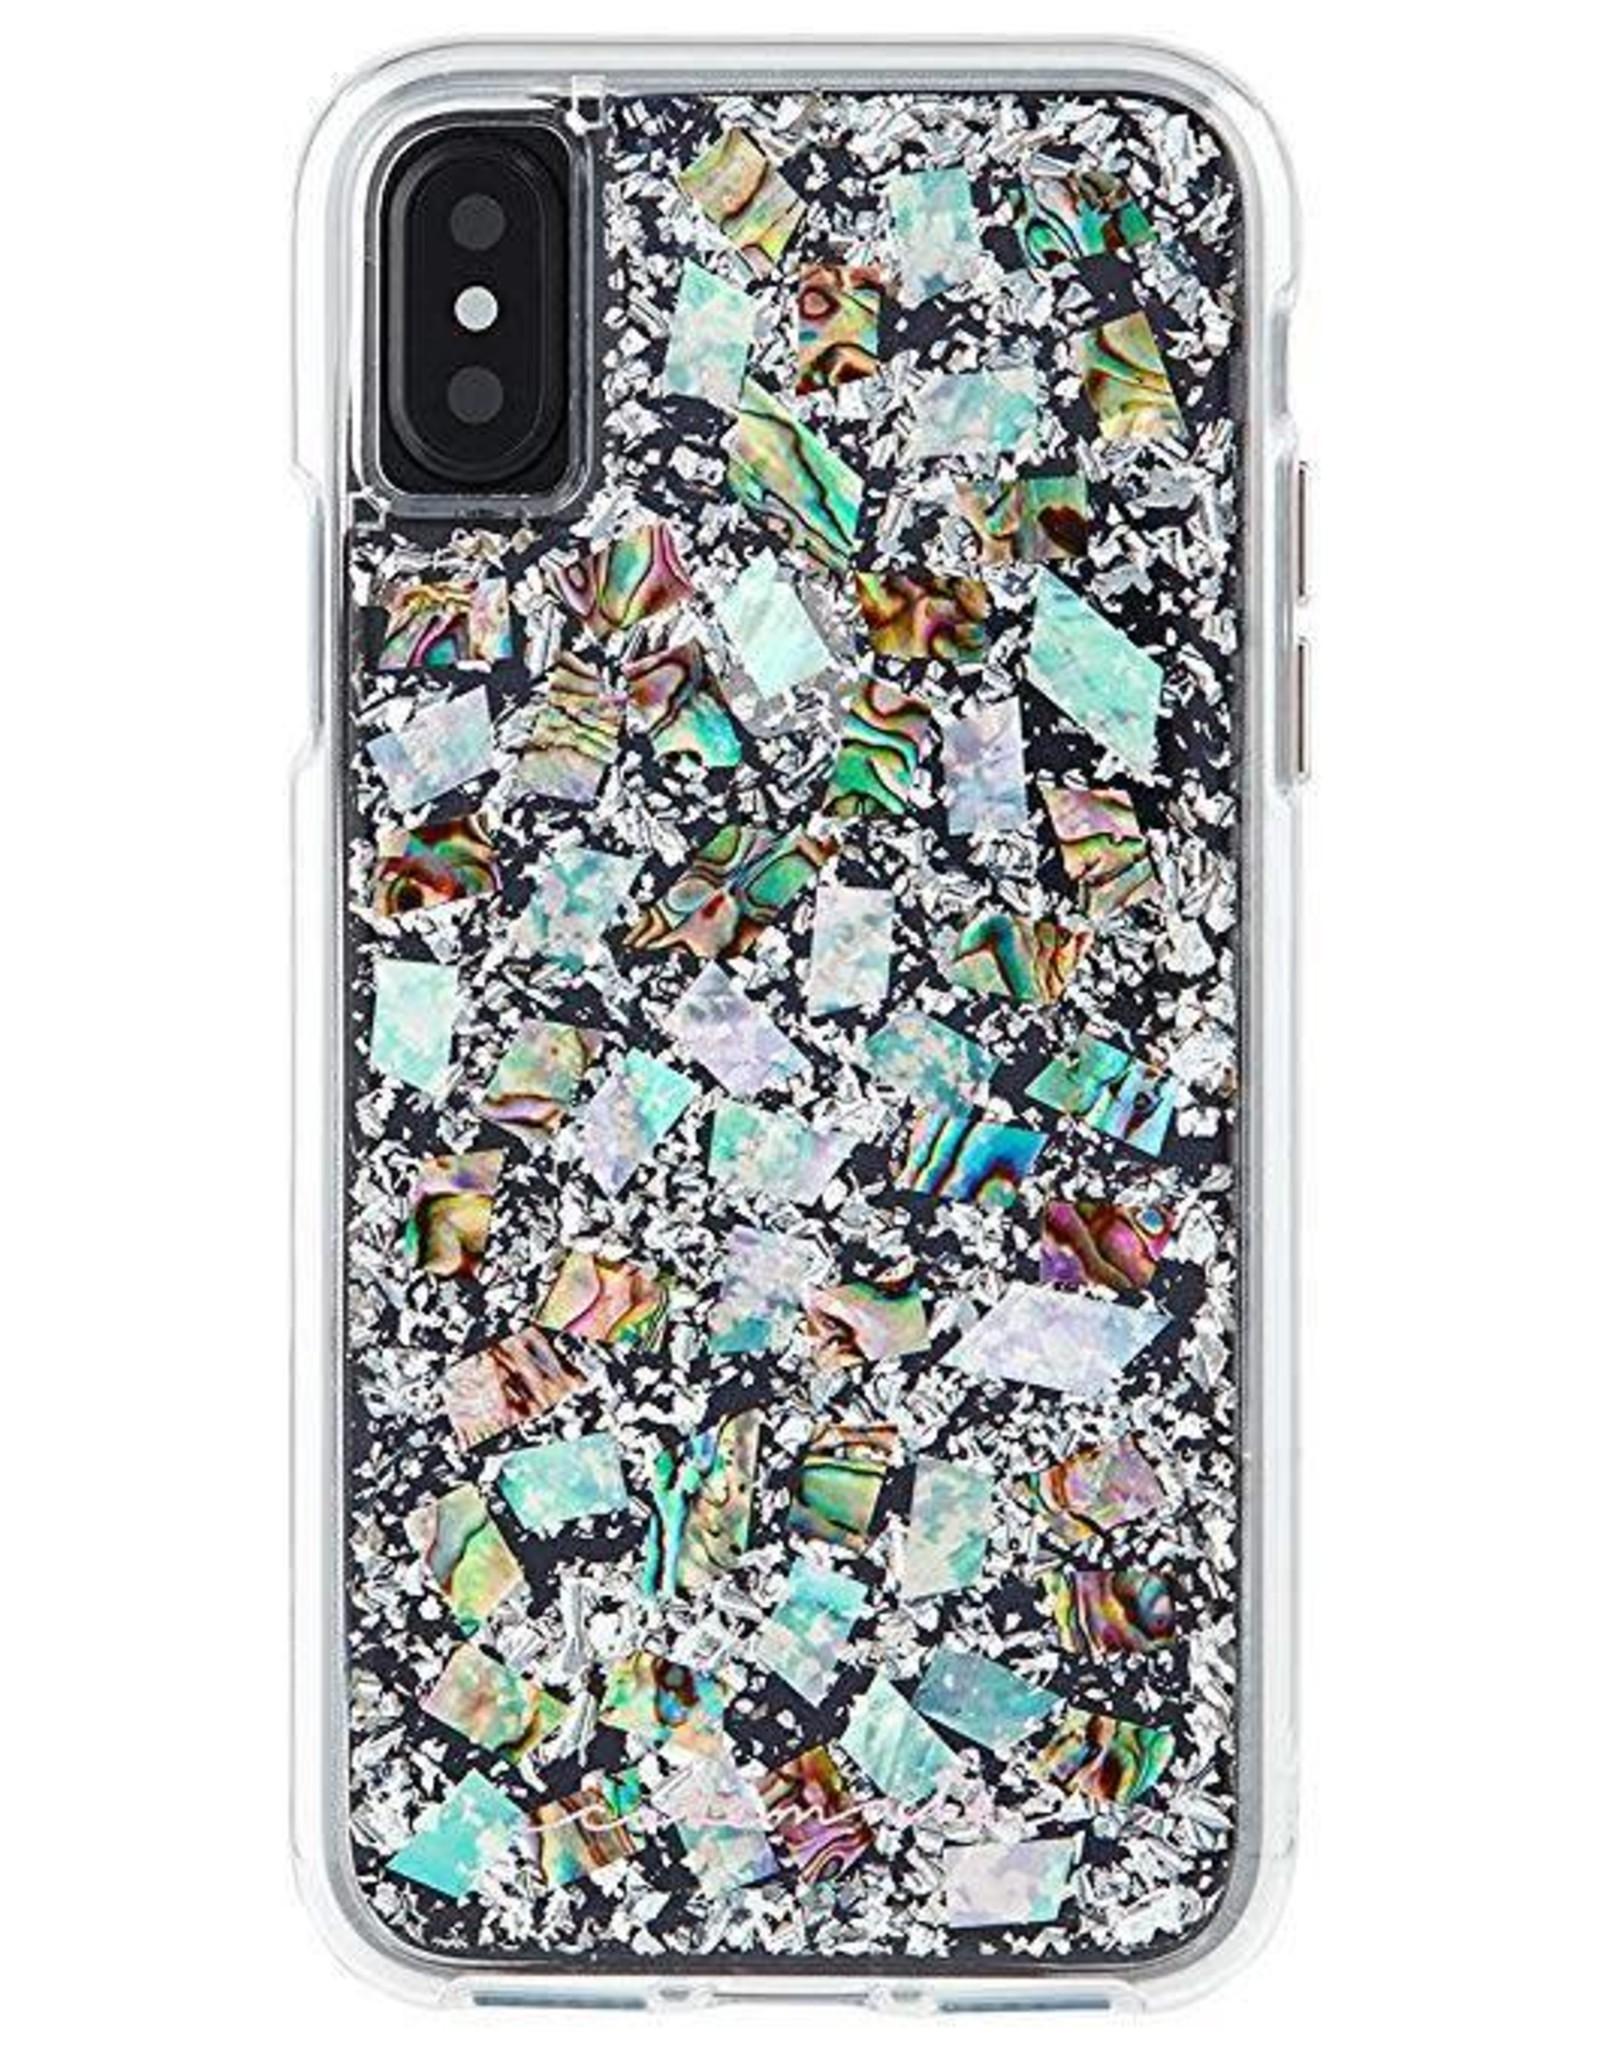 Case-Mate Case-Mate | iPhone X/Xs Pearl Karat case | 15-02244